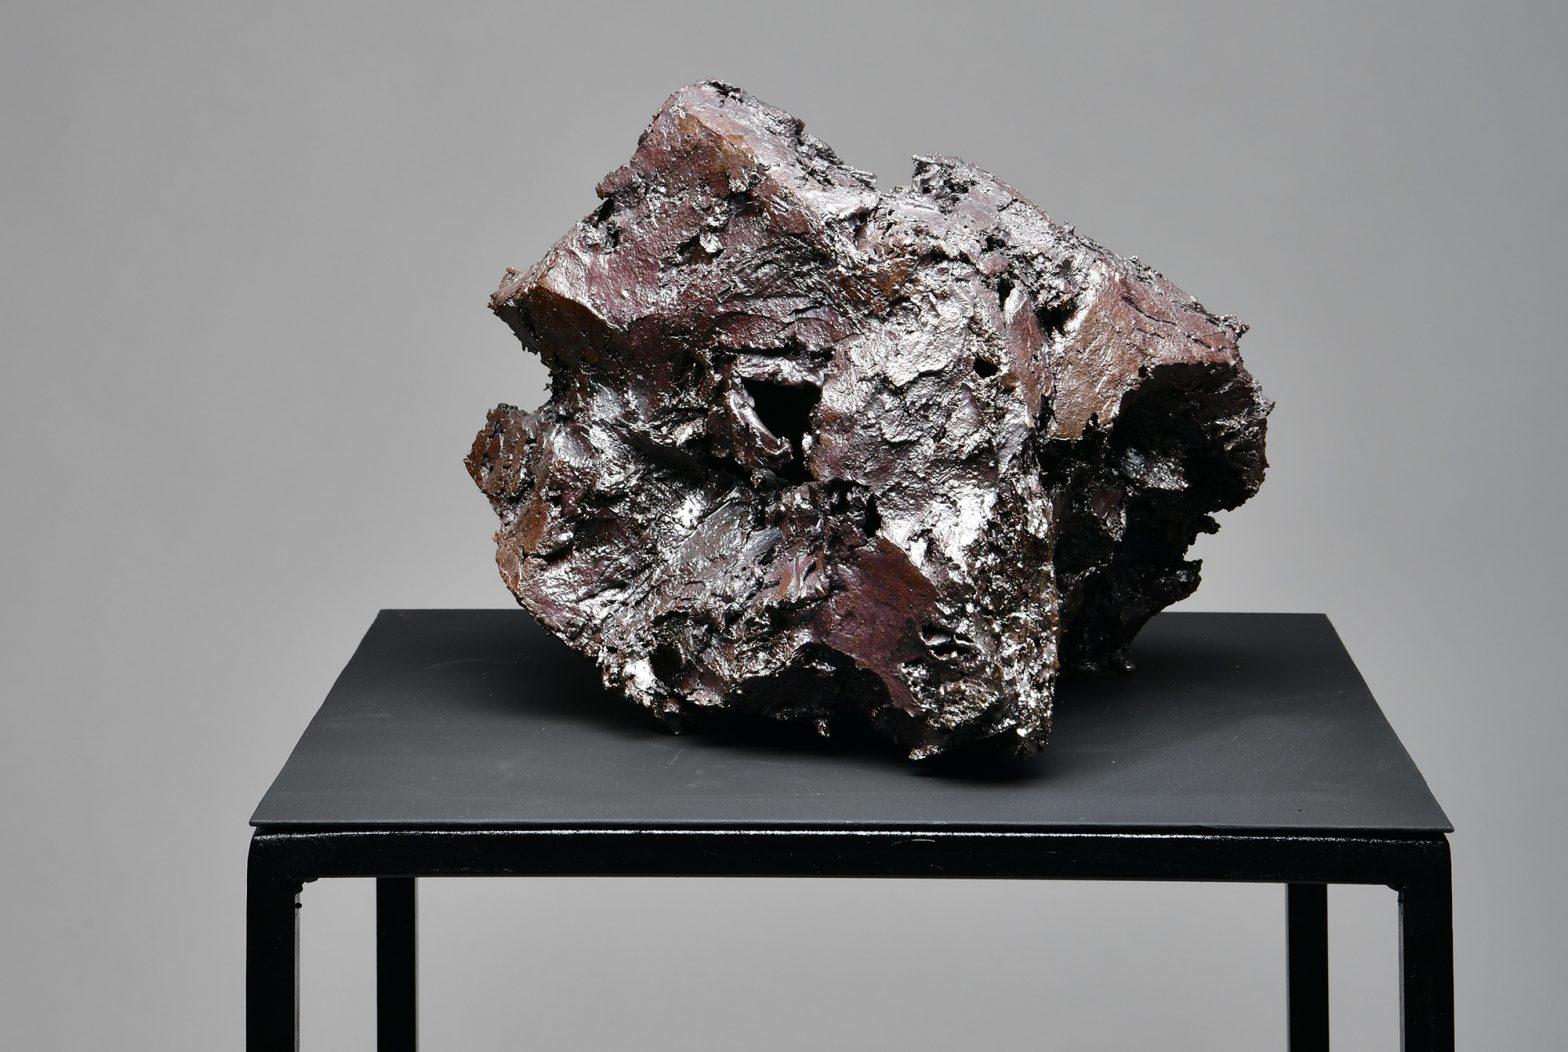 Werk aus dunklem Porzellan von Paul Simon Heyduck auf einem schwarzen Tisch